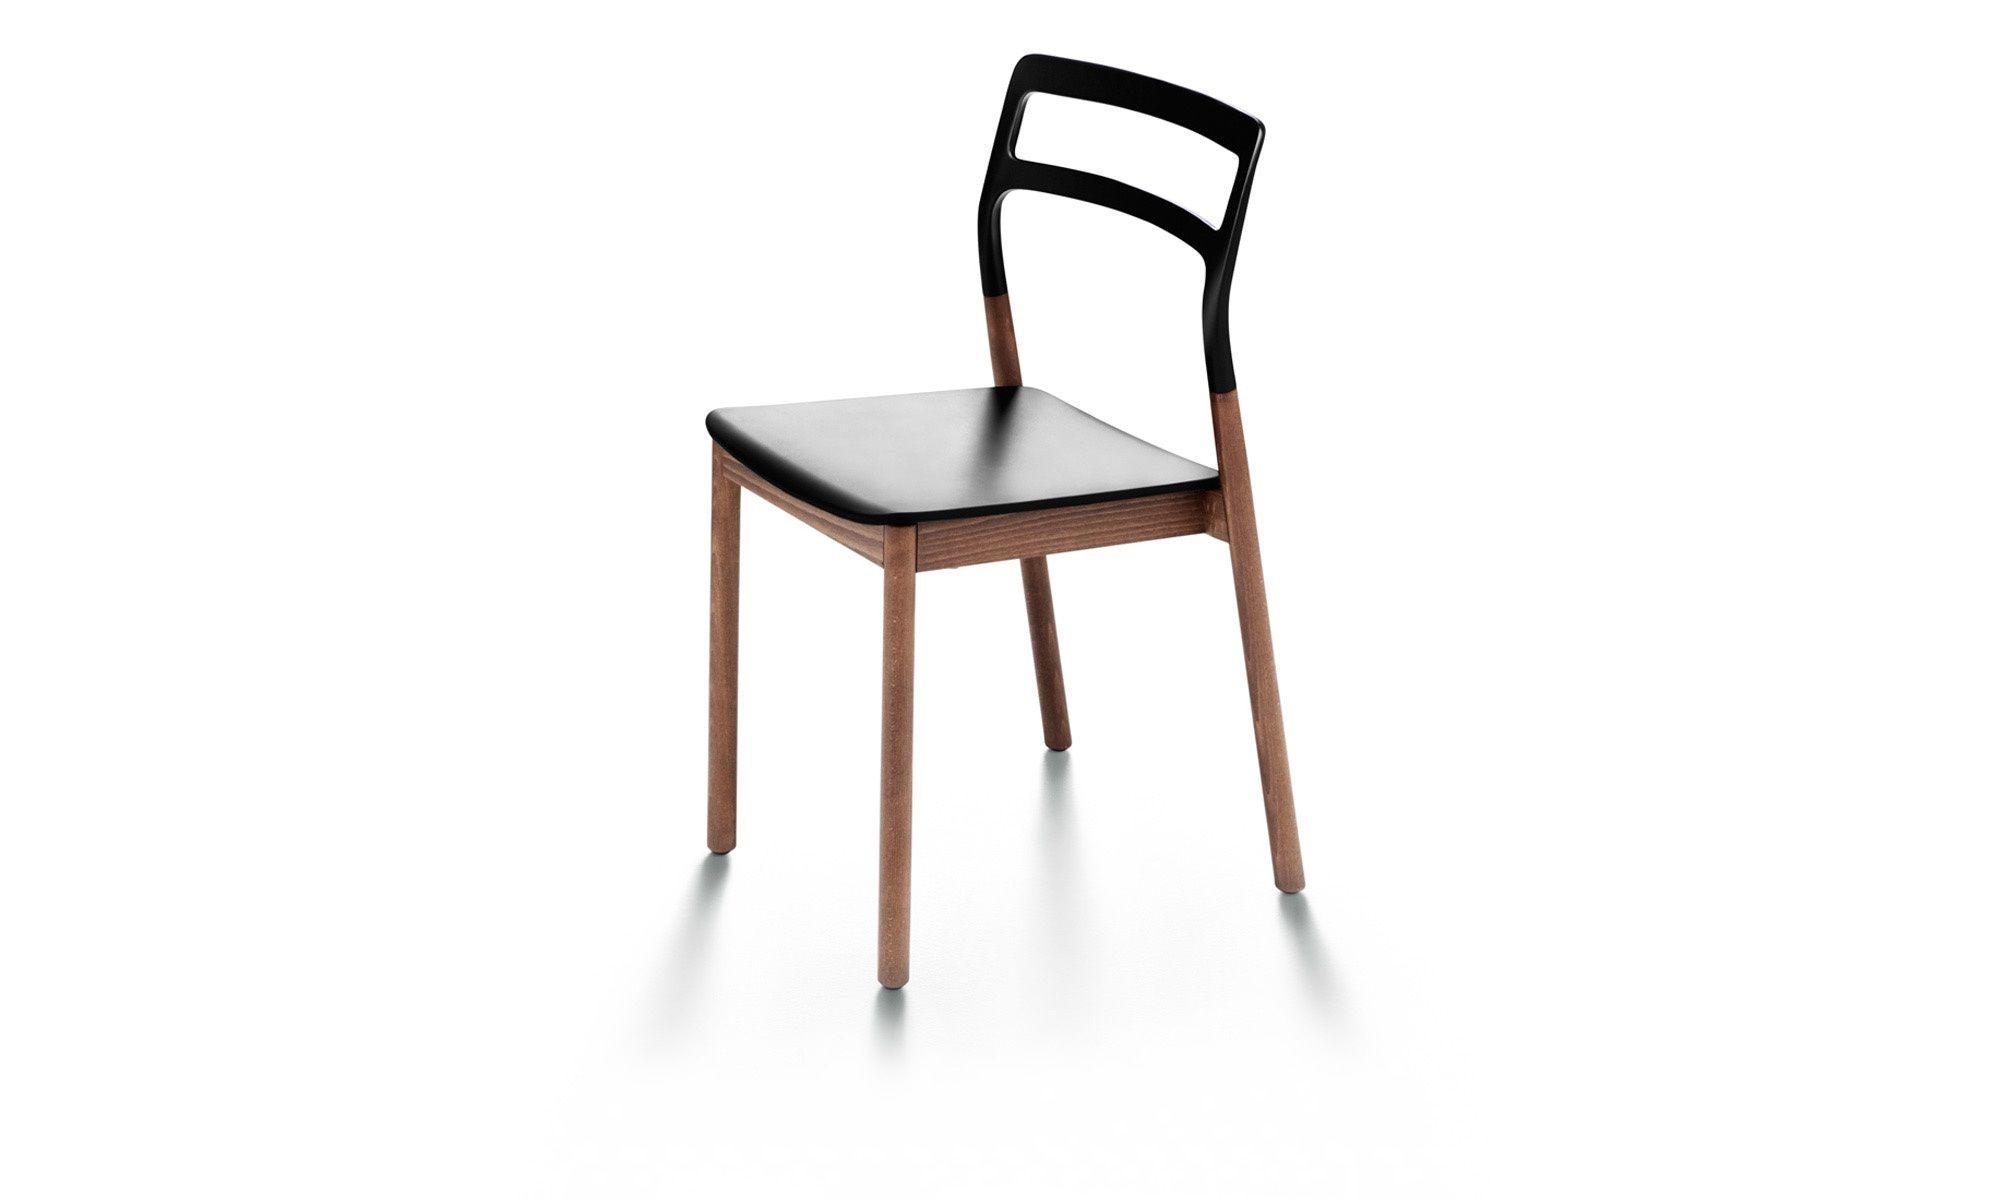 De Padova srl   Prodotti   Sedie   Florinda   DE PADOVA   furniture ...